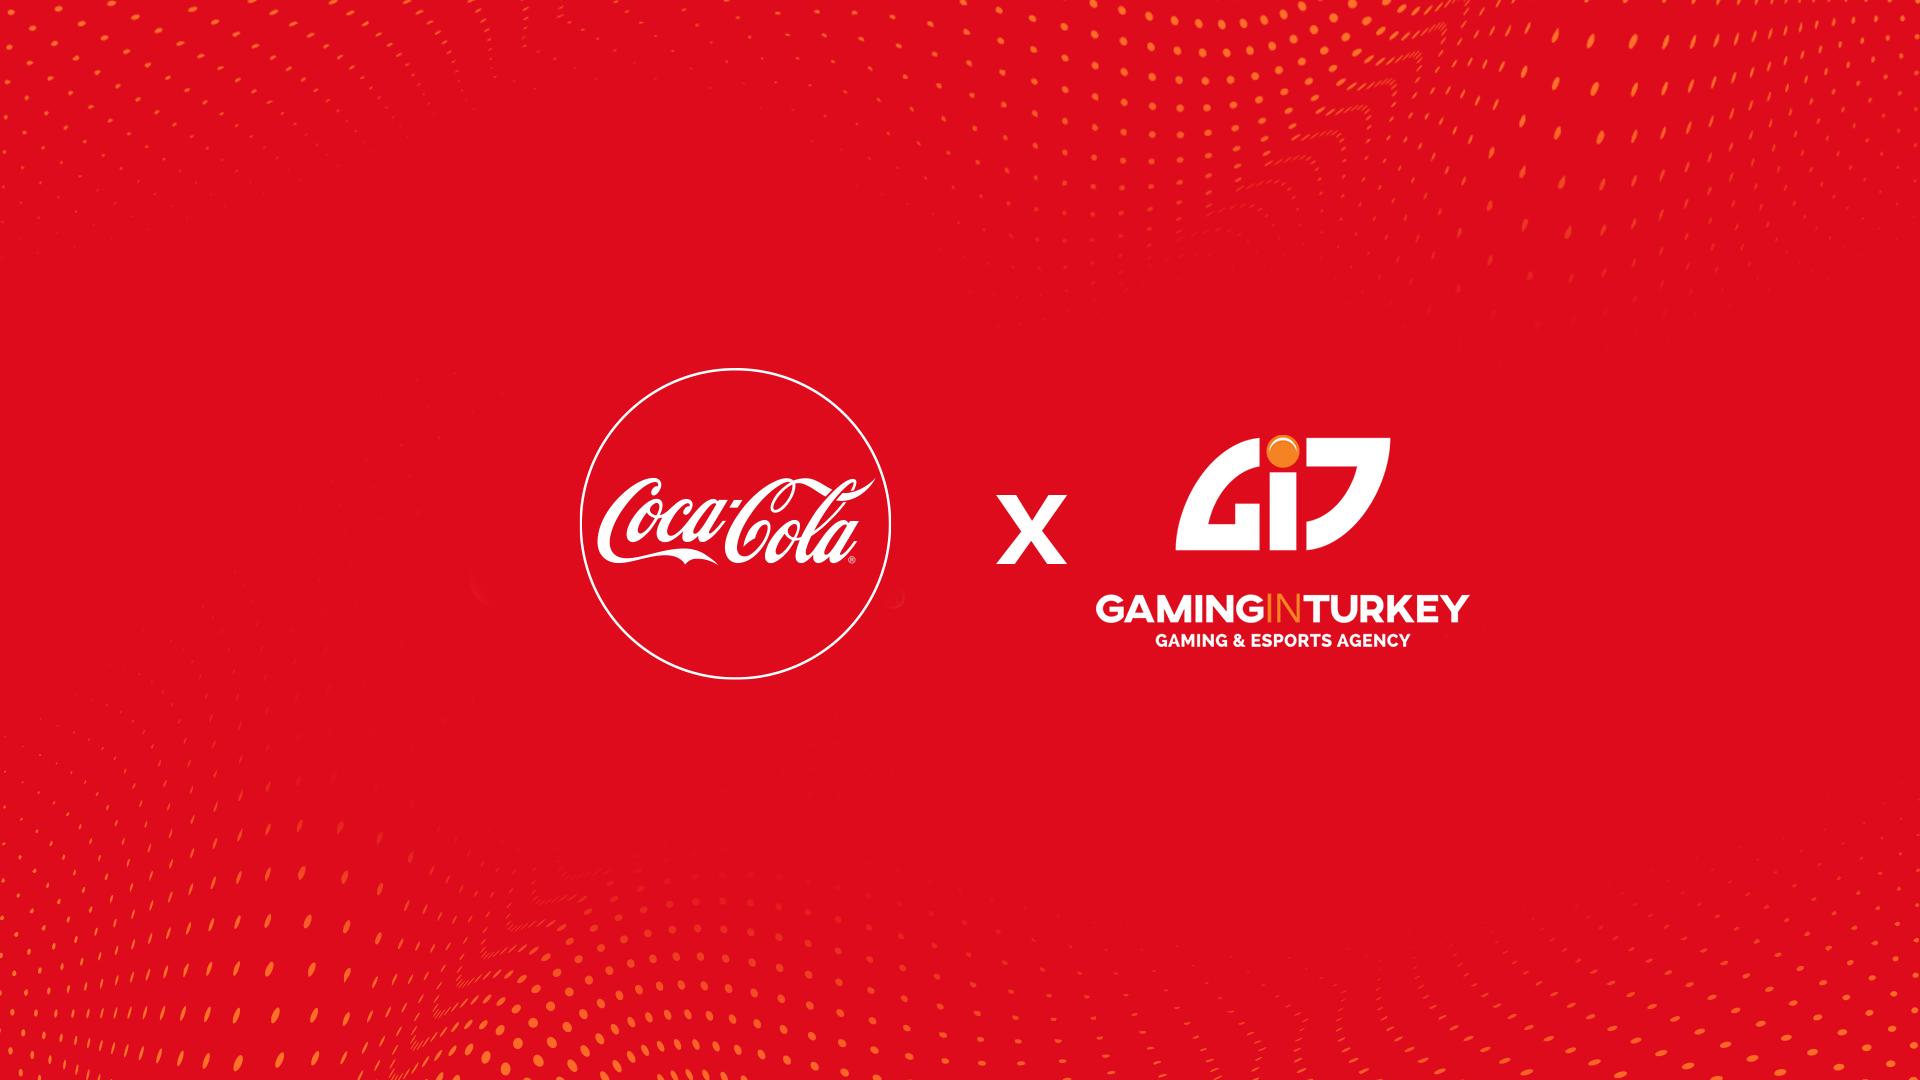 coca-colanin-25-ulkedeki-oyun-ve-espor-ajansi-gaming-in-turkey-oldu-1